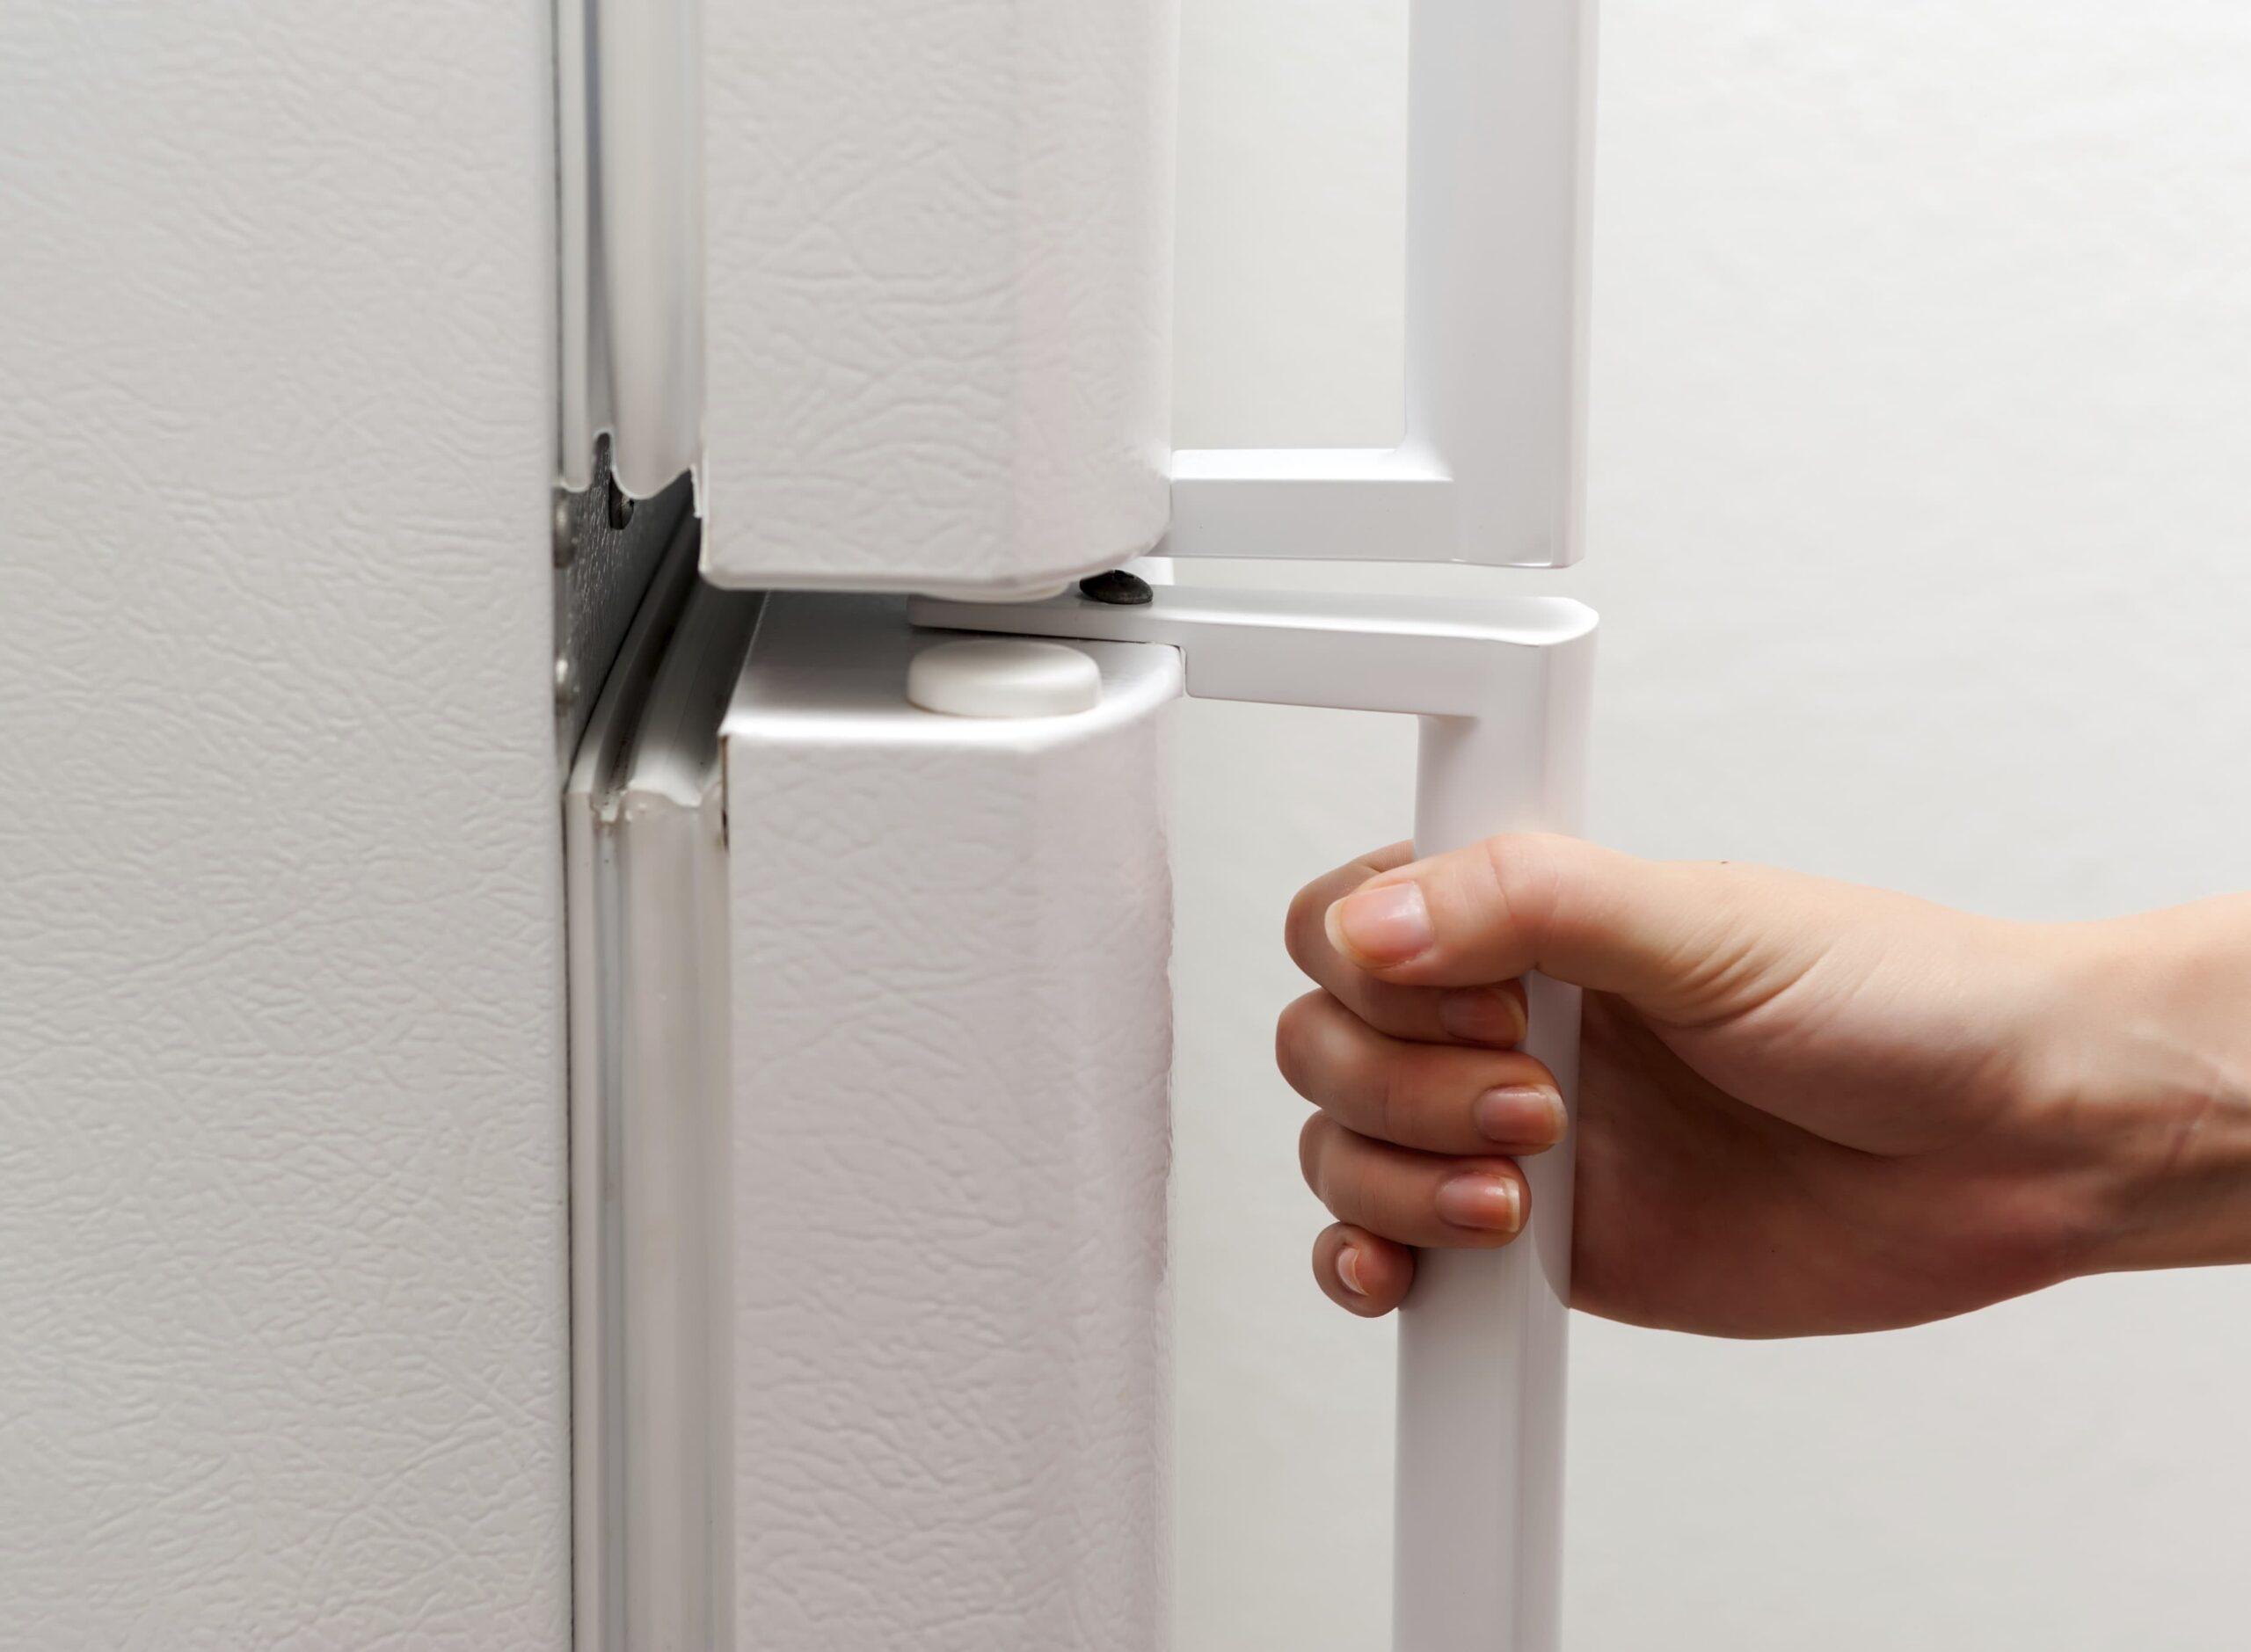 дверь в холодильнике